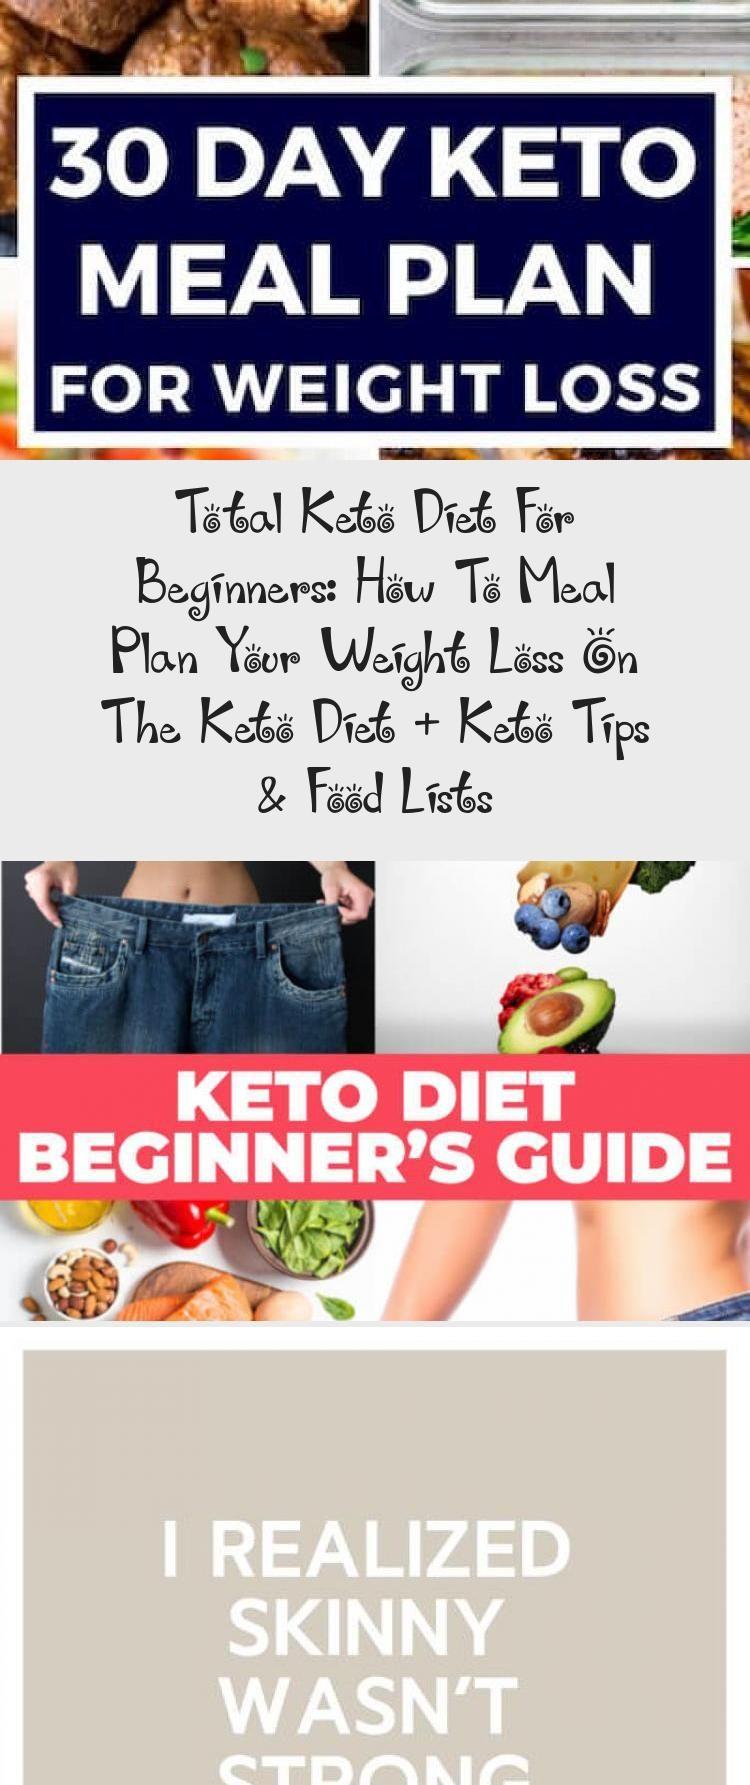 Photo of Total Keto-Diät für Anfänger: So planen Sie Ihren Gewichtsverlust auf der Keto-Diät + Keto-Tipps und Lebensmittellisten – Healthy LifeStyle